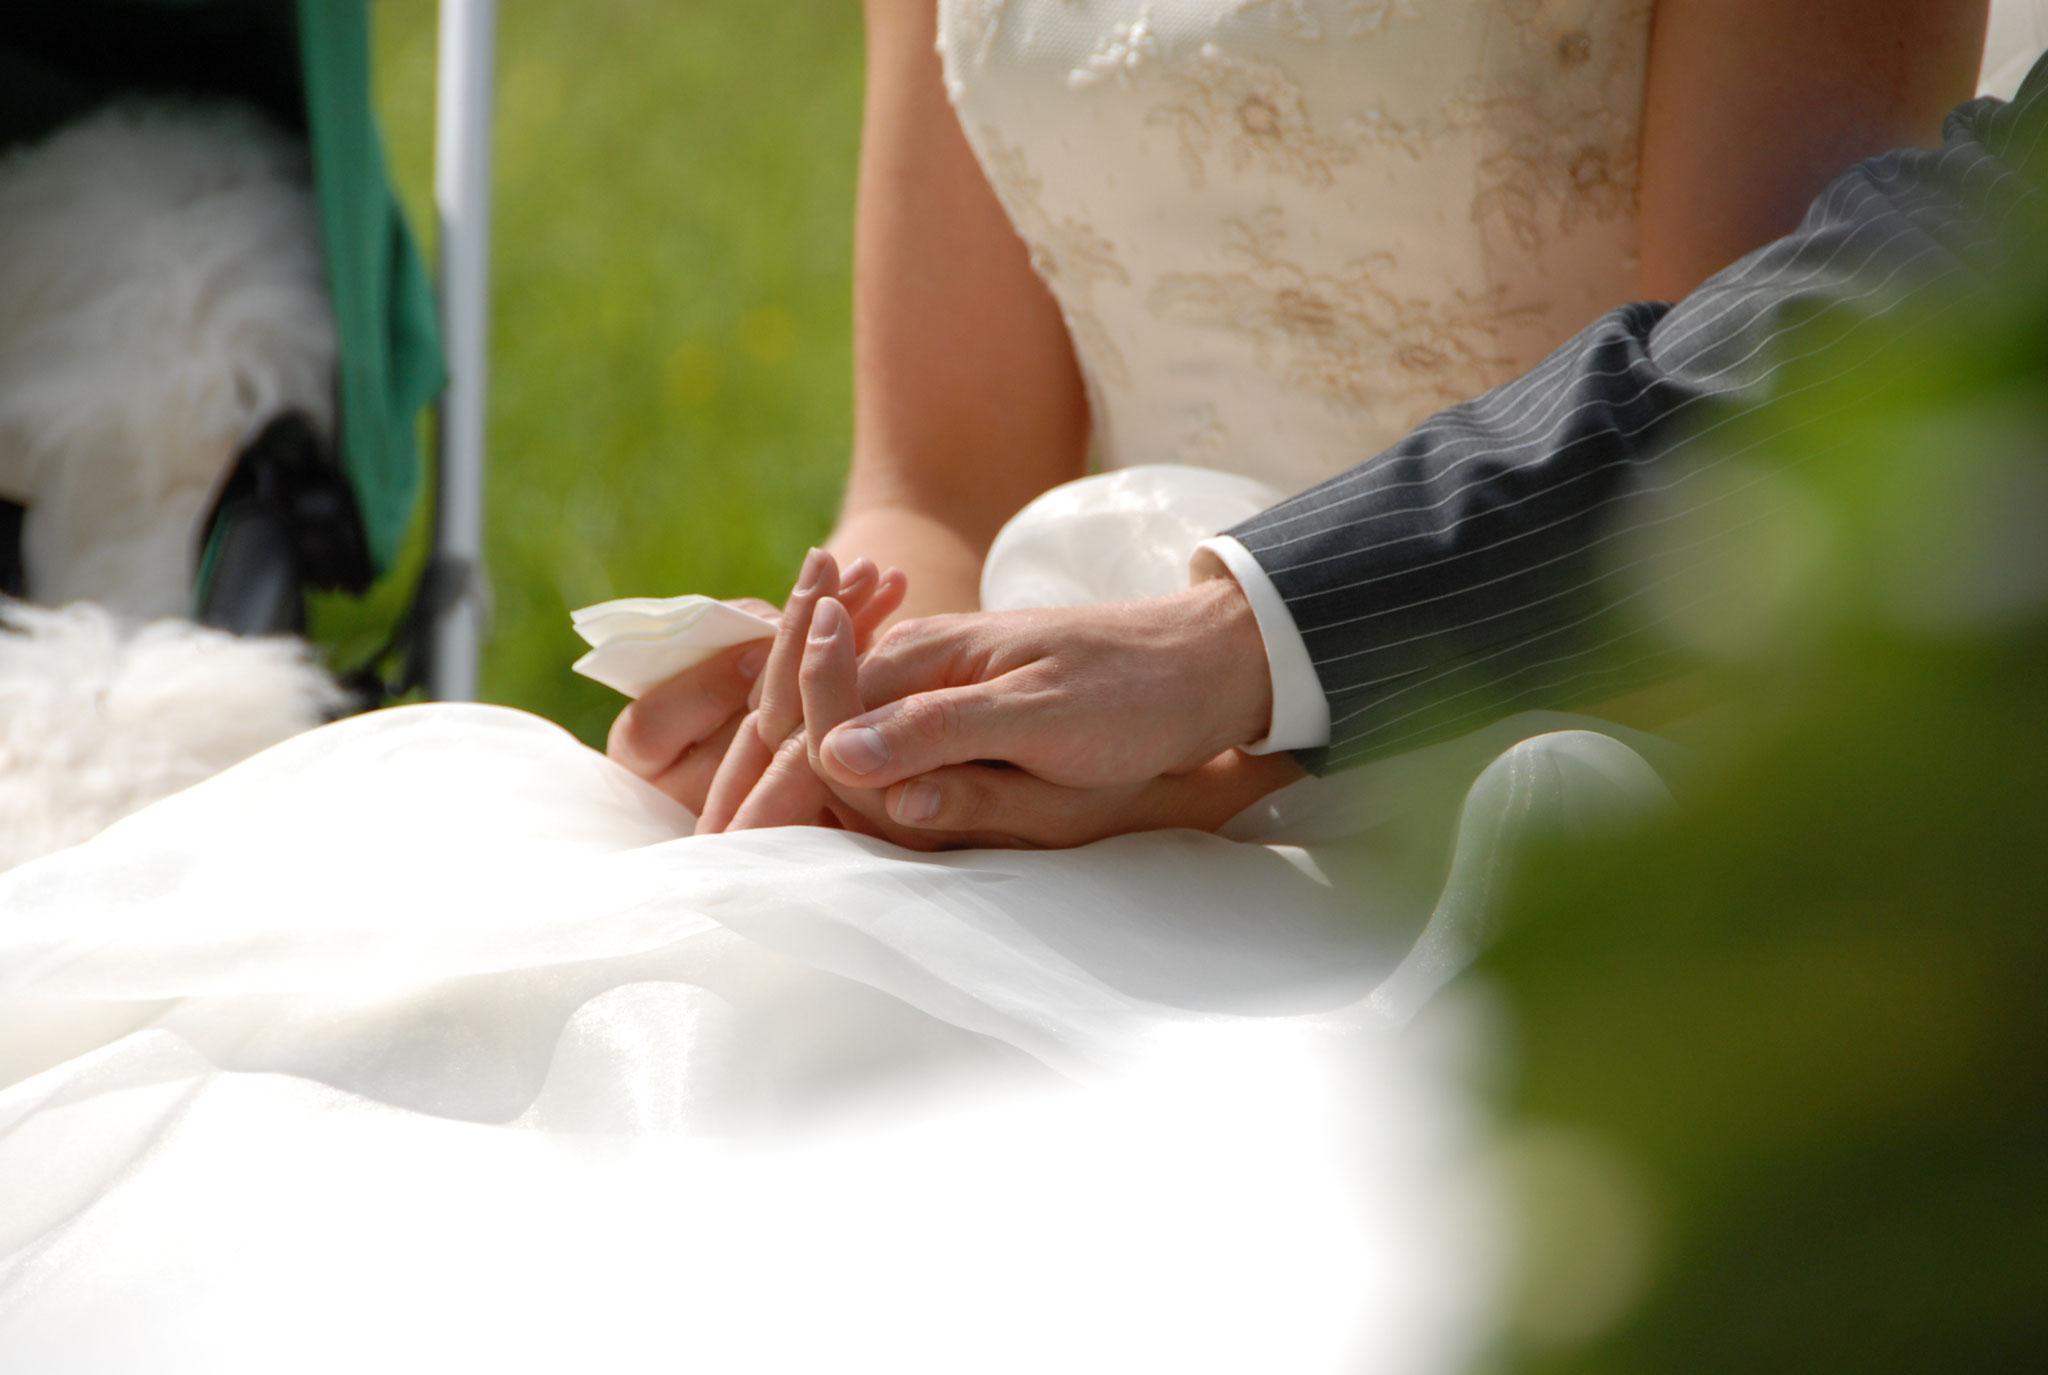 Freie Trauung | Freie Hochzeitszeremonie | Heiraten im Grünen | Heiraten in den Bergen | Trau dich mit Emma